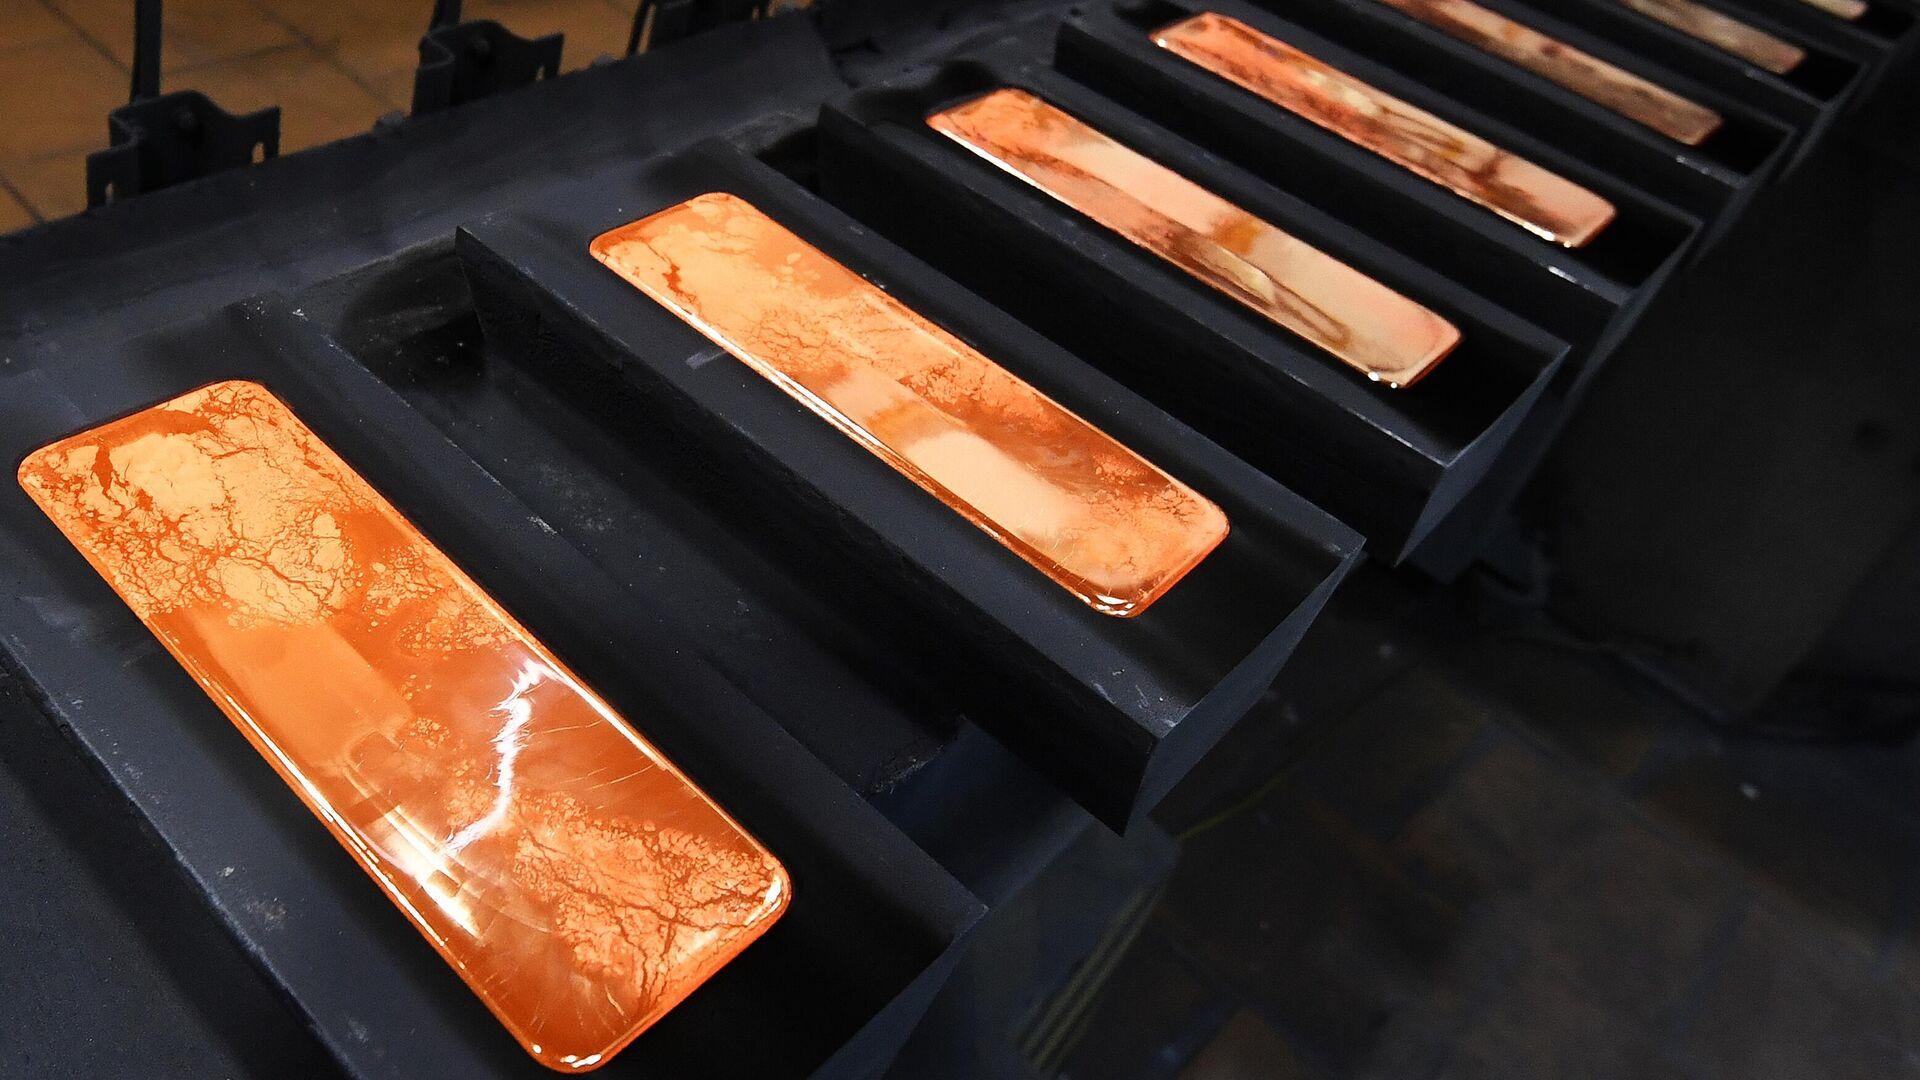 Производство золотых слитков на заводе Красцветмет - РИА Новости, 1920, 24.06.2021